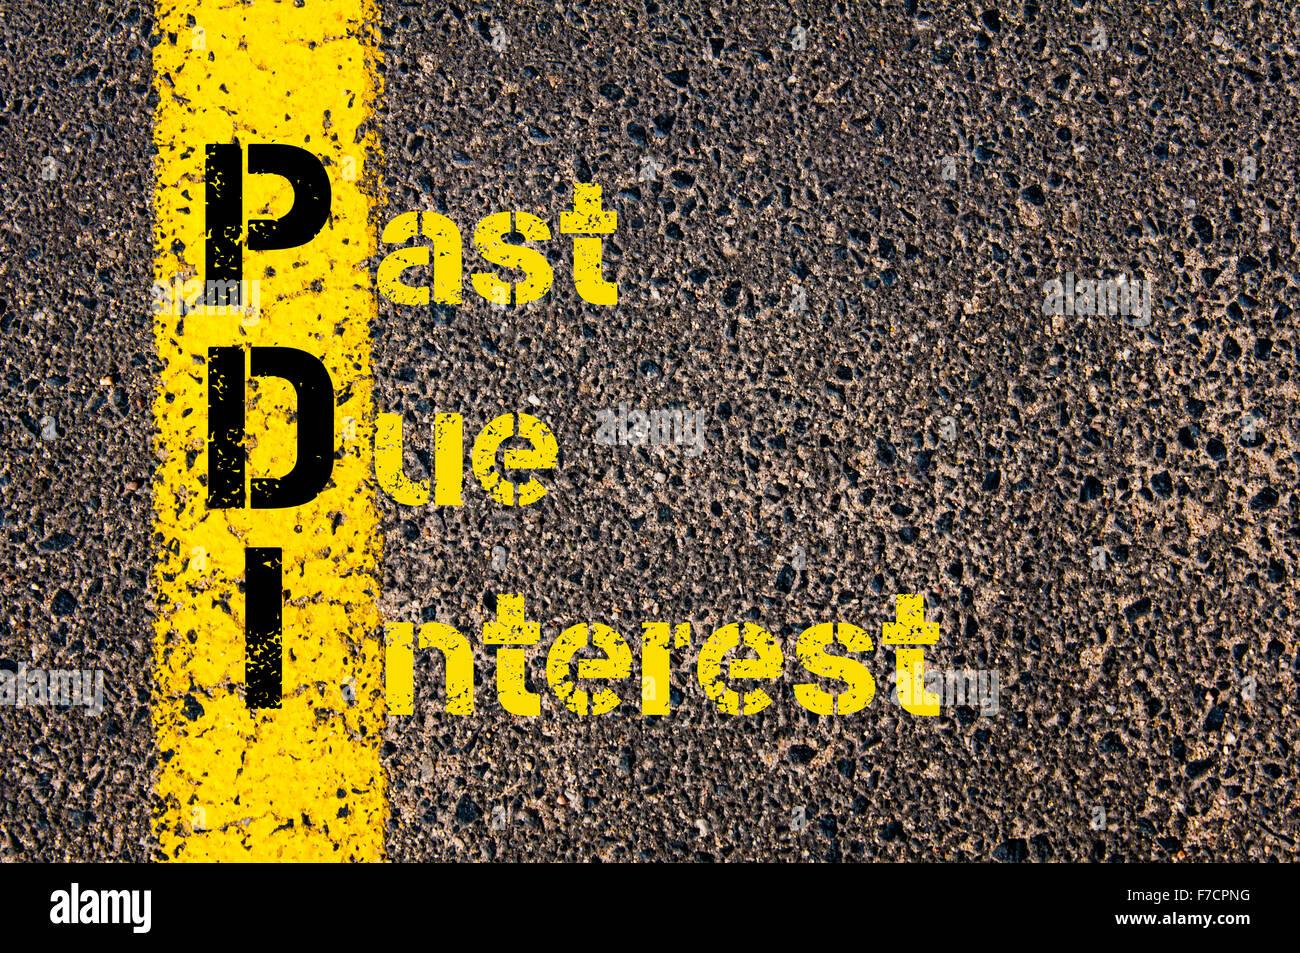 Concetto di immagine di Contabilità Affari acronimo PDI passato dovuto interesse scritto oltre la segnaletica Immagini Stock